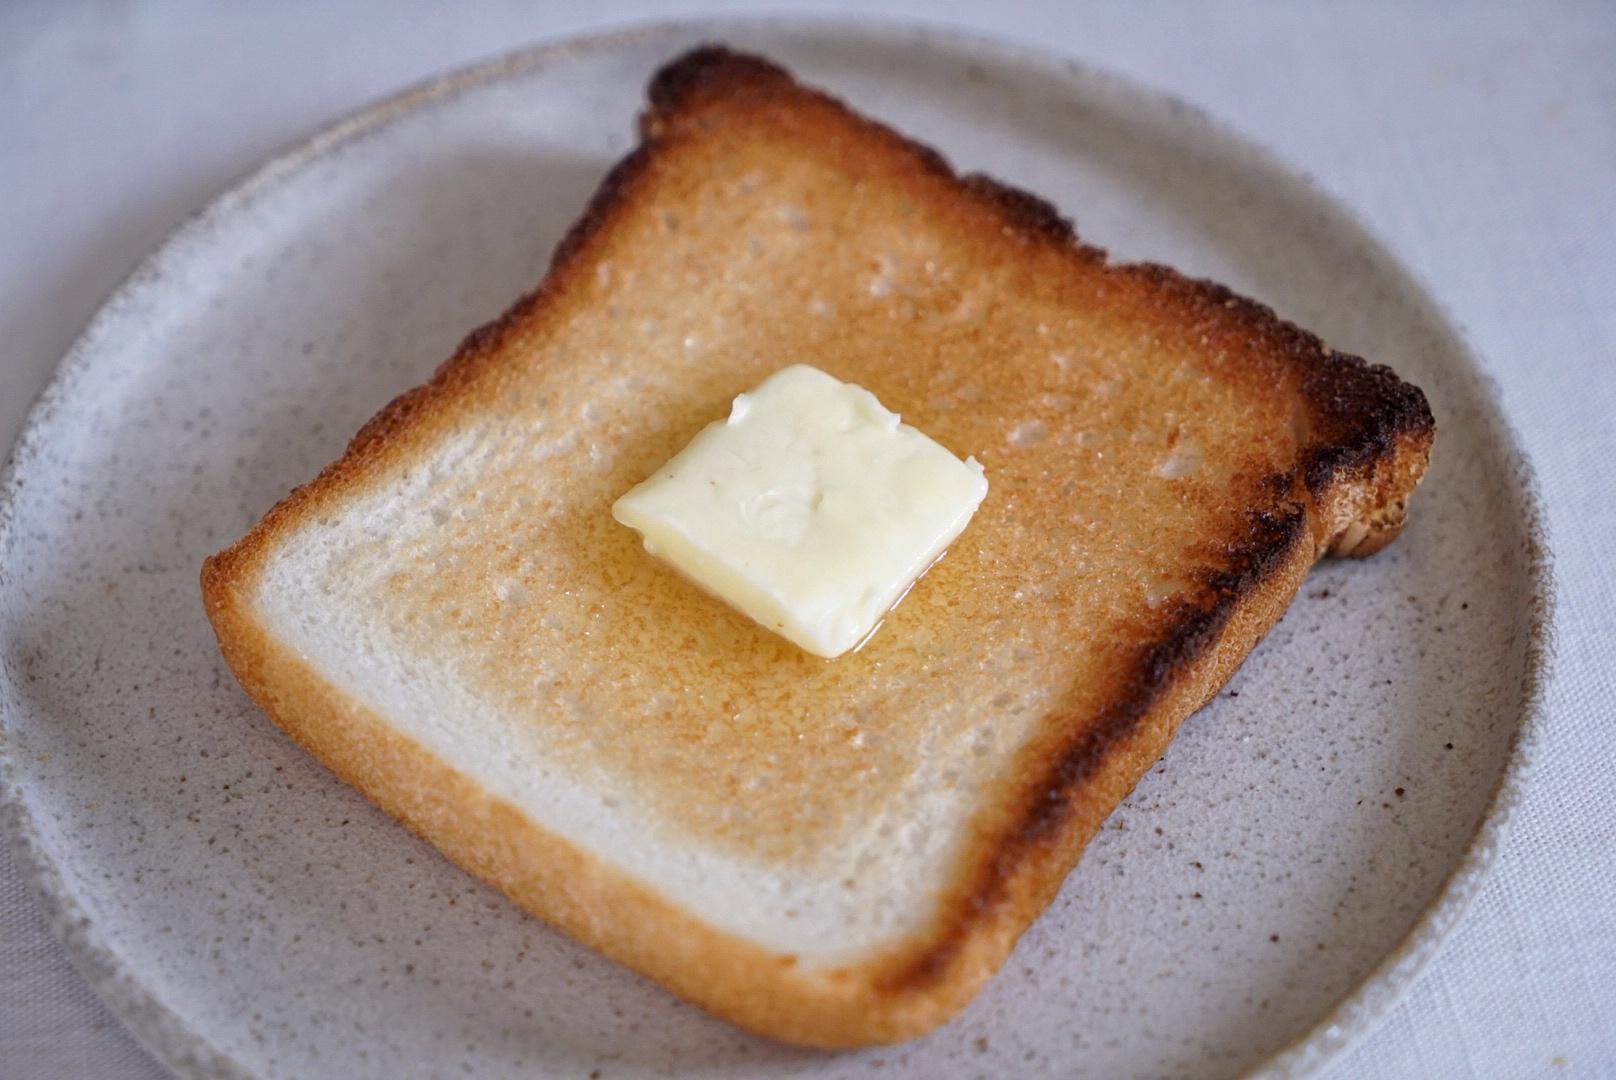 タイガーGRAND Xで、もっとおいしく米粉パンを焼くには?〜美味しさ長持ちの保存法